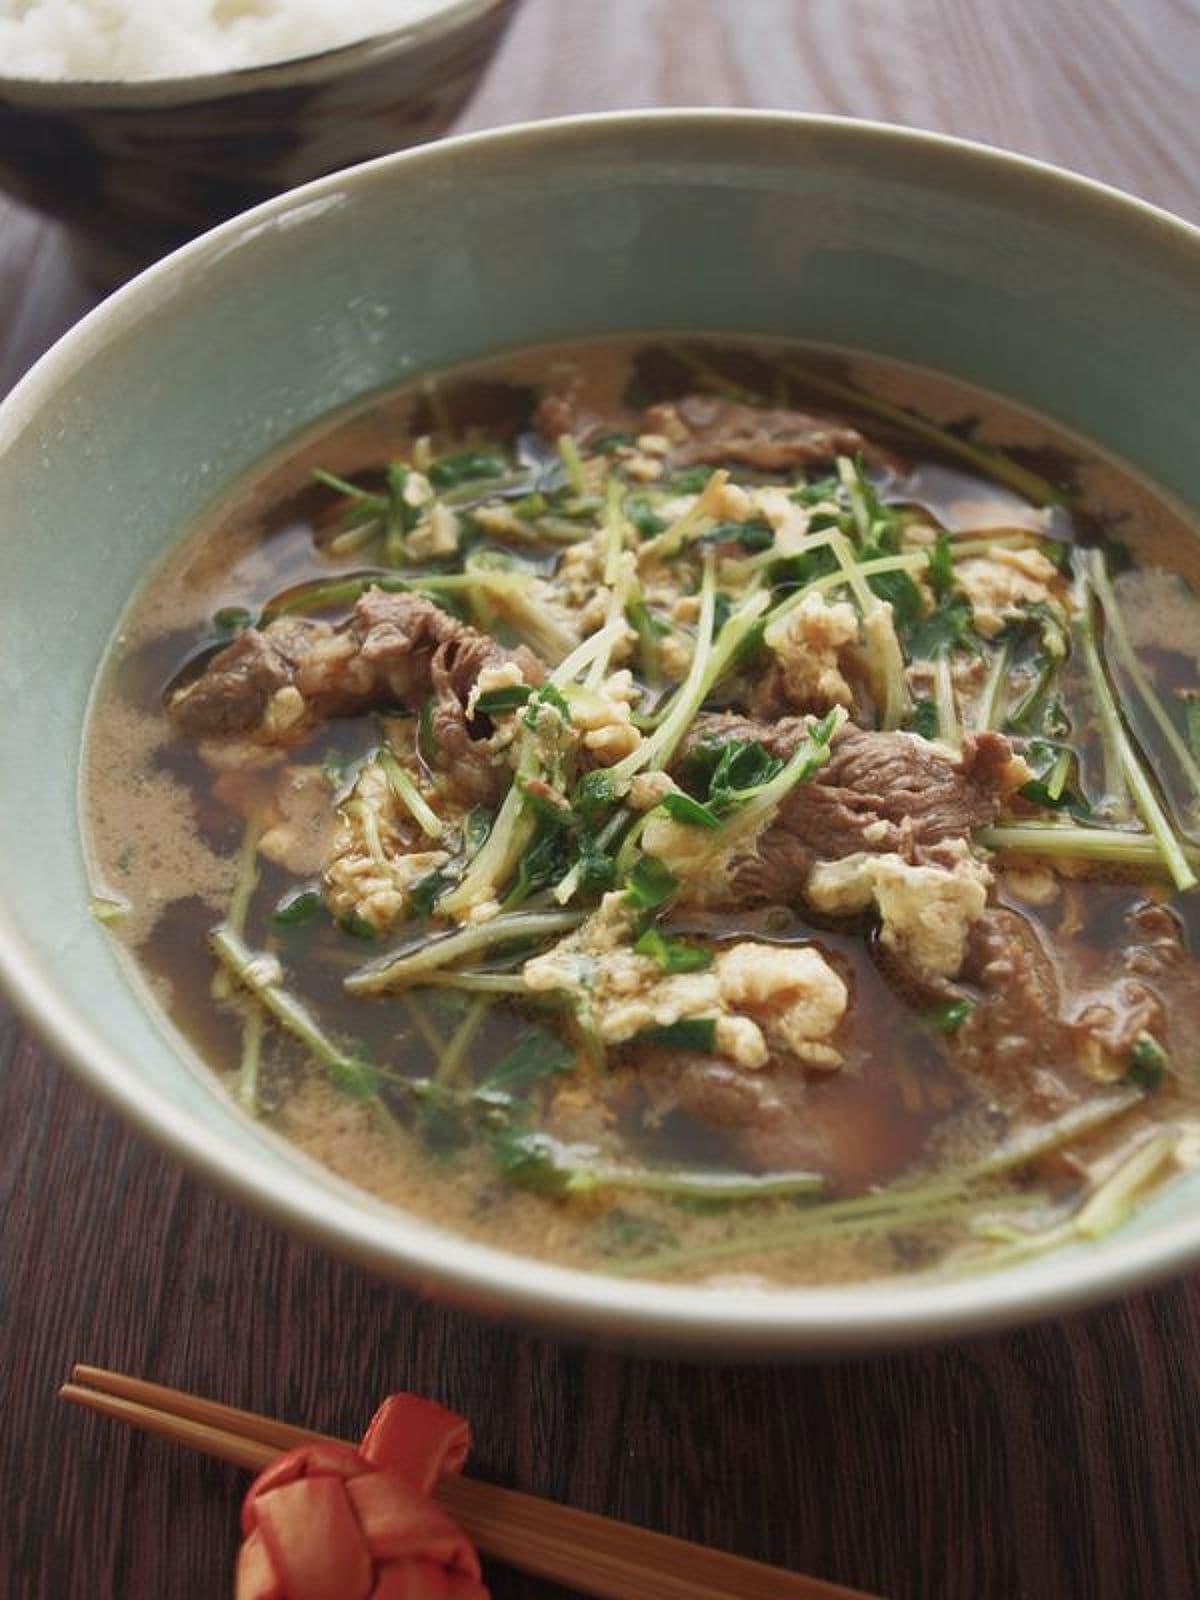 ごまらー油で♪韓国風牛肉と豆苗のピリ辛スープ by ヤミー